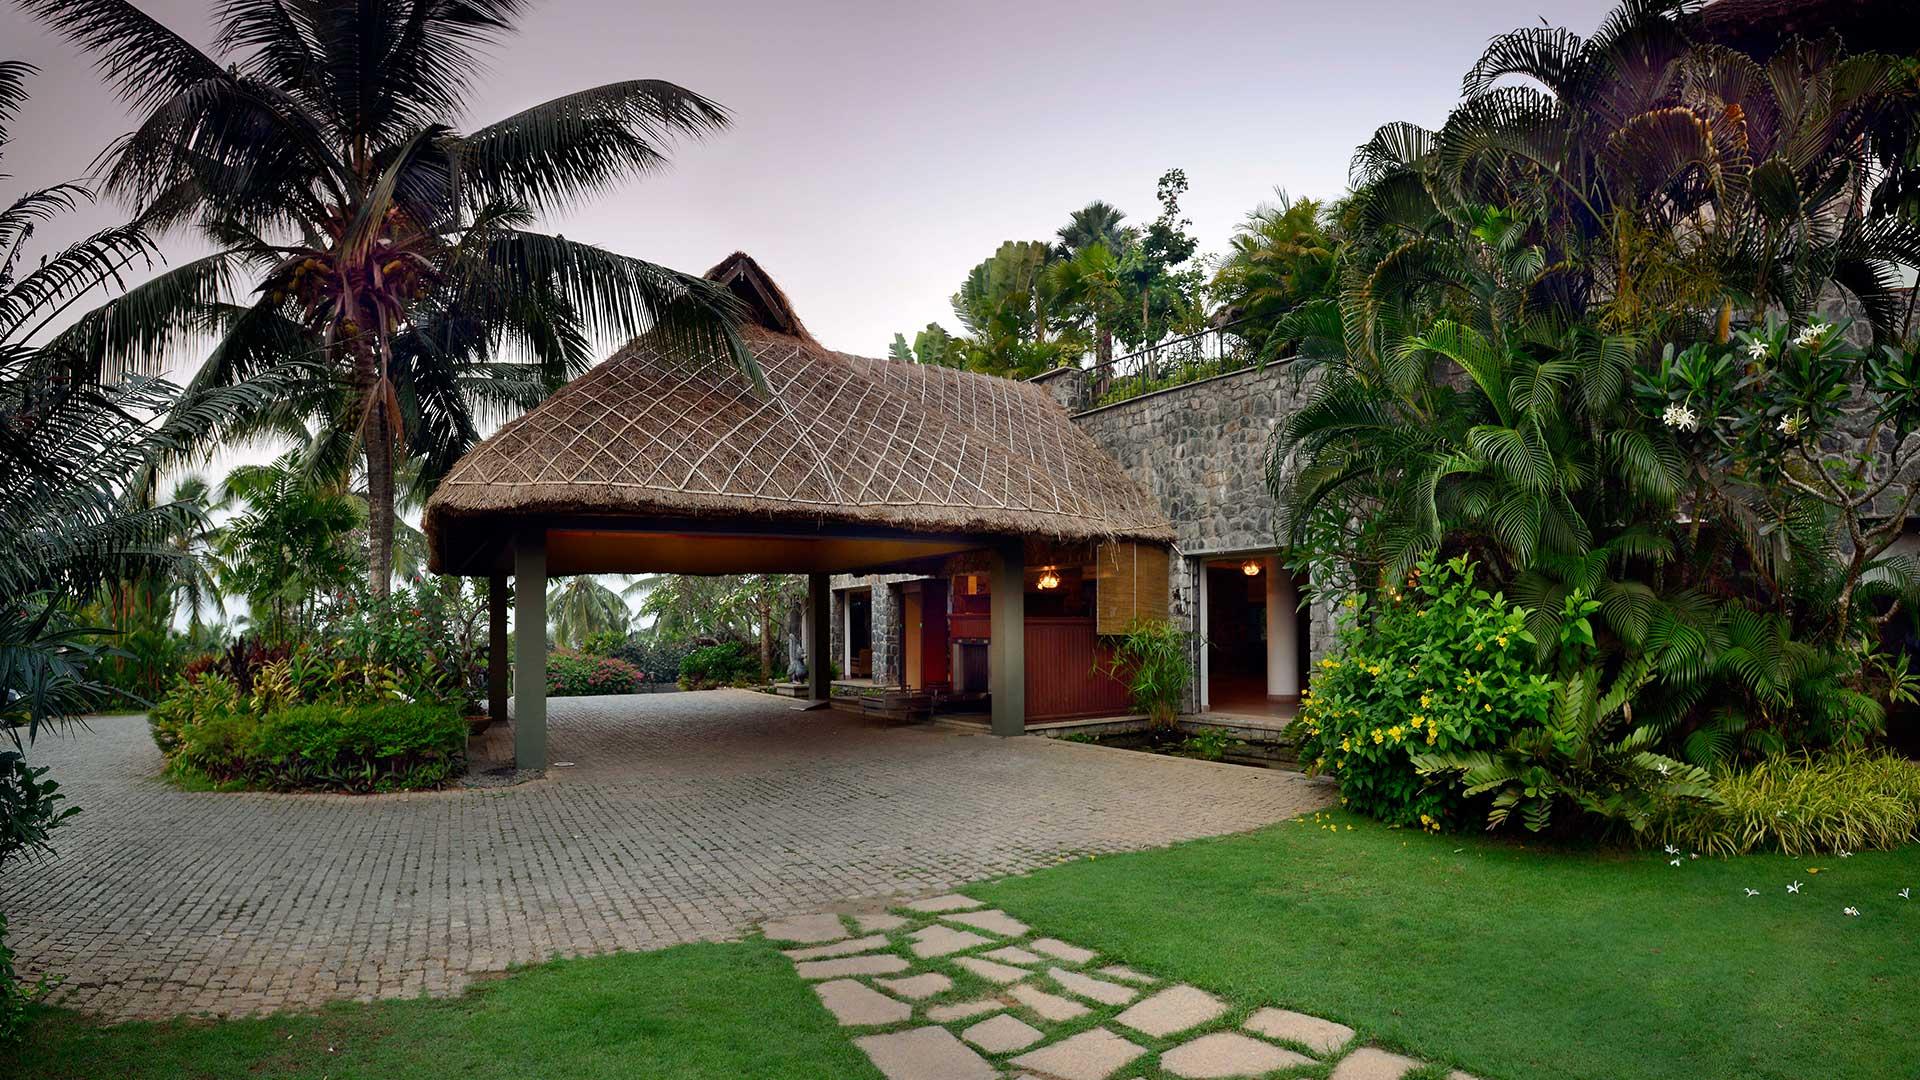 Taj Vivanta kovalam Kerala